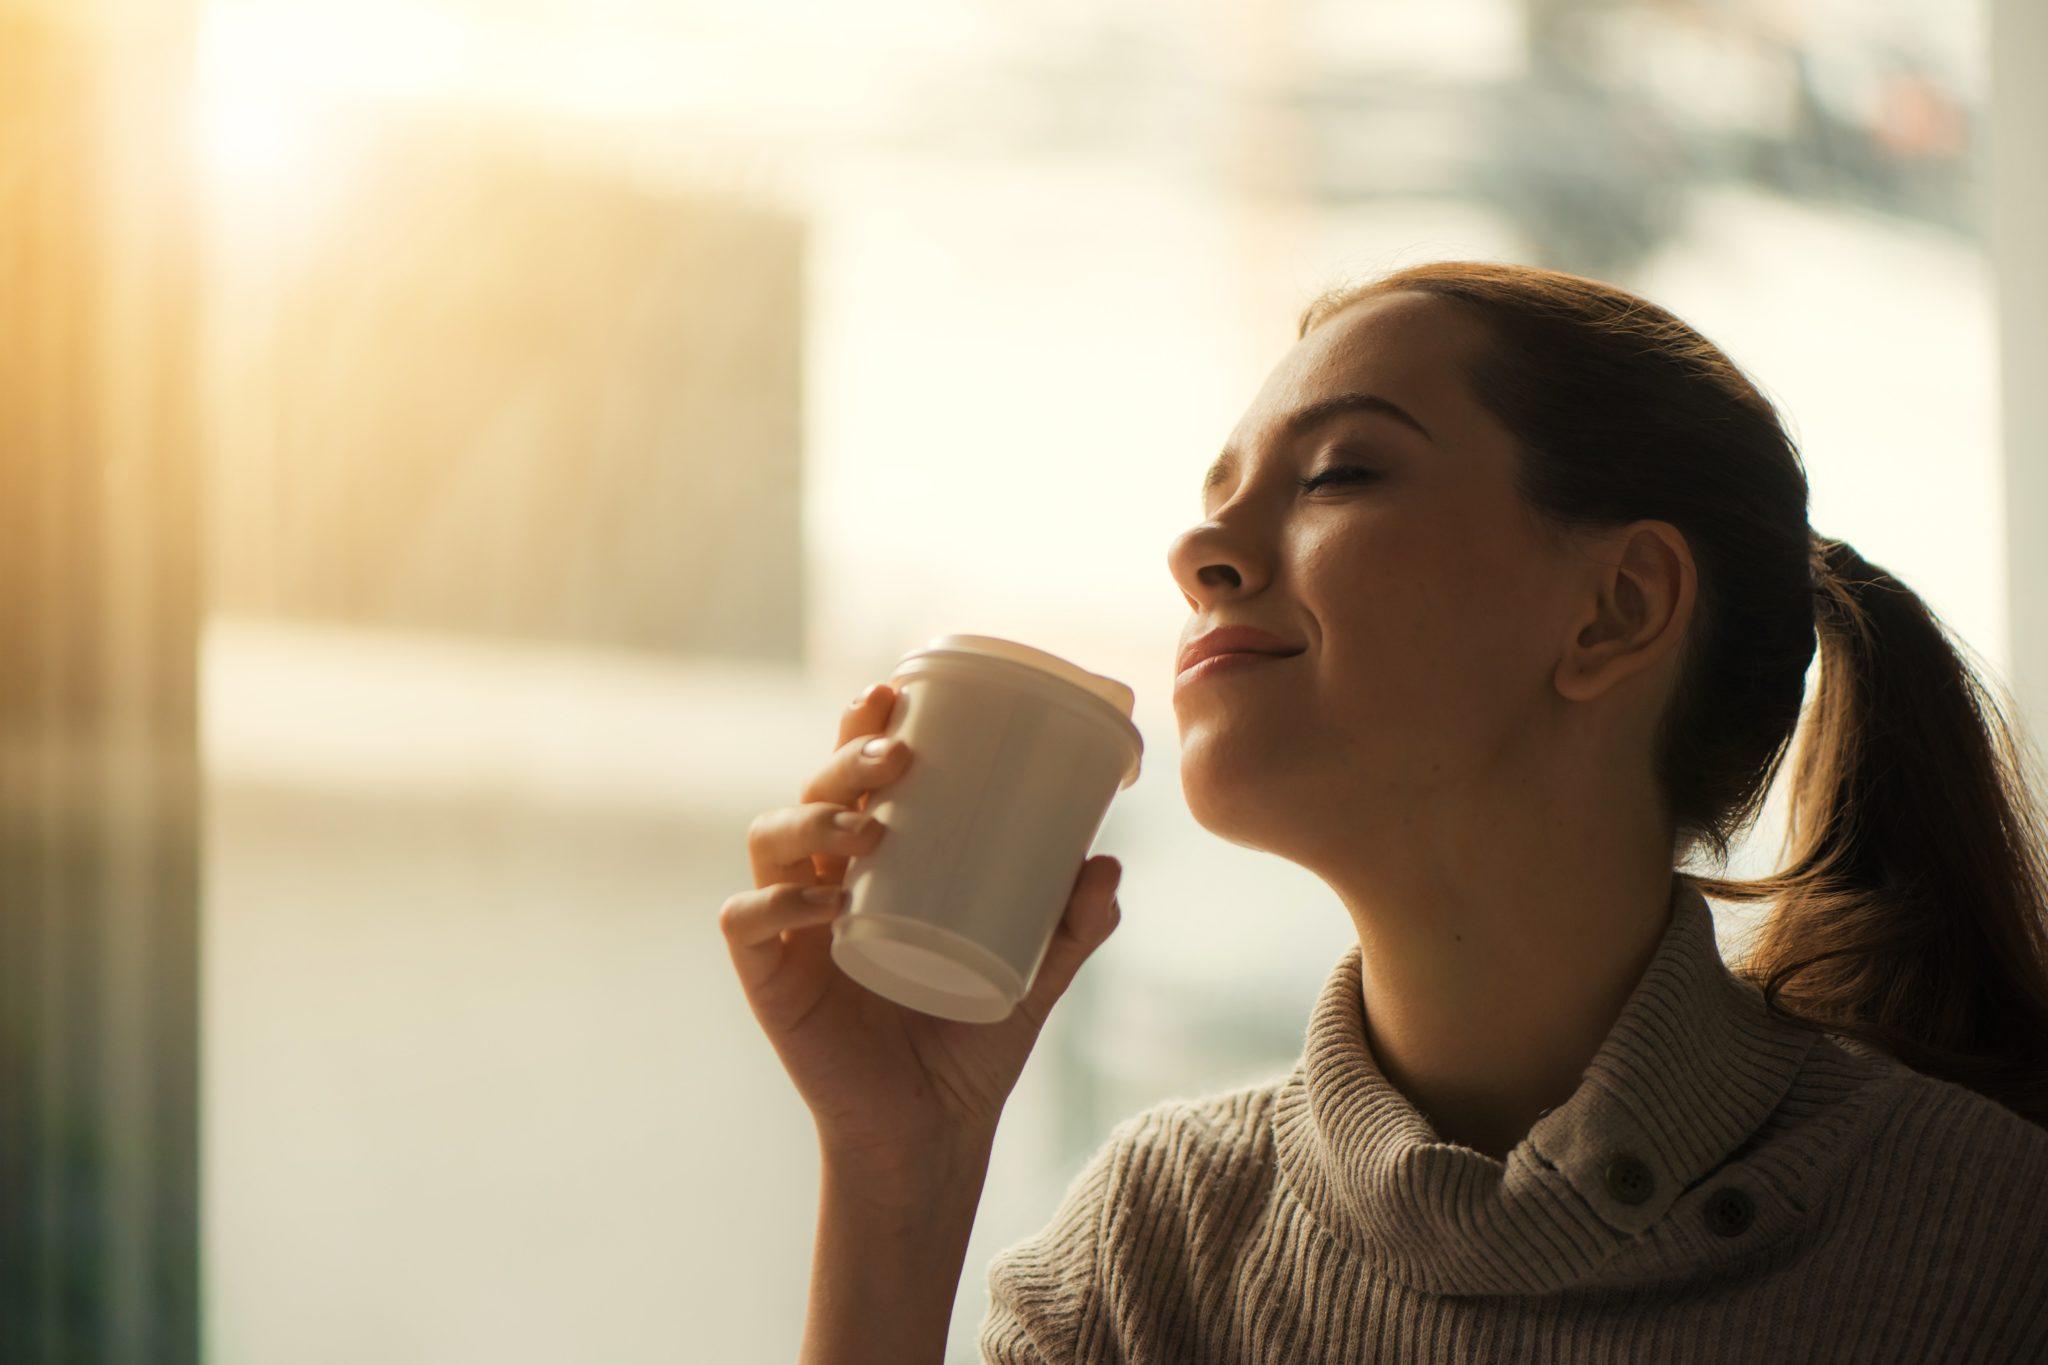 プロテインを飲んでいる女性の写真